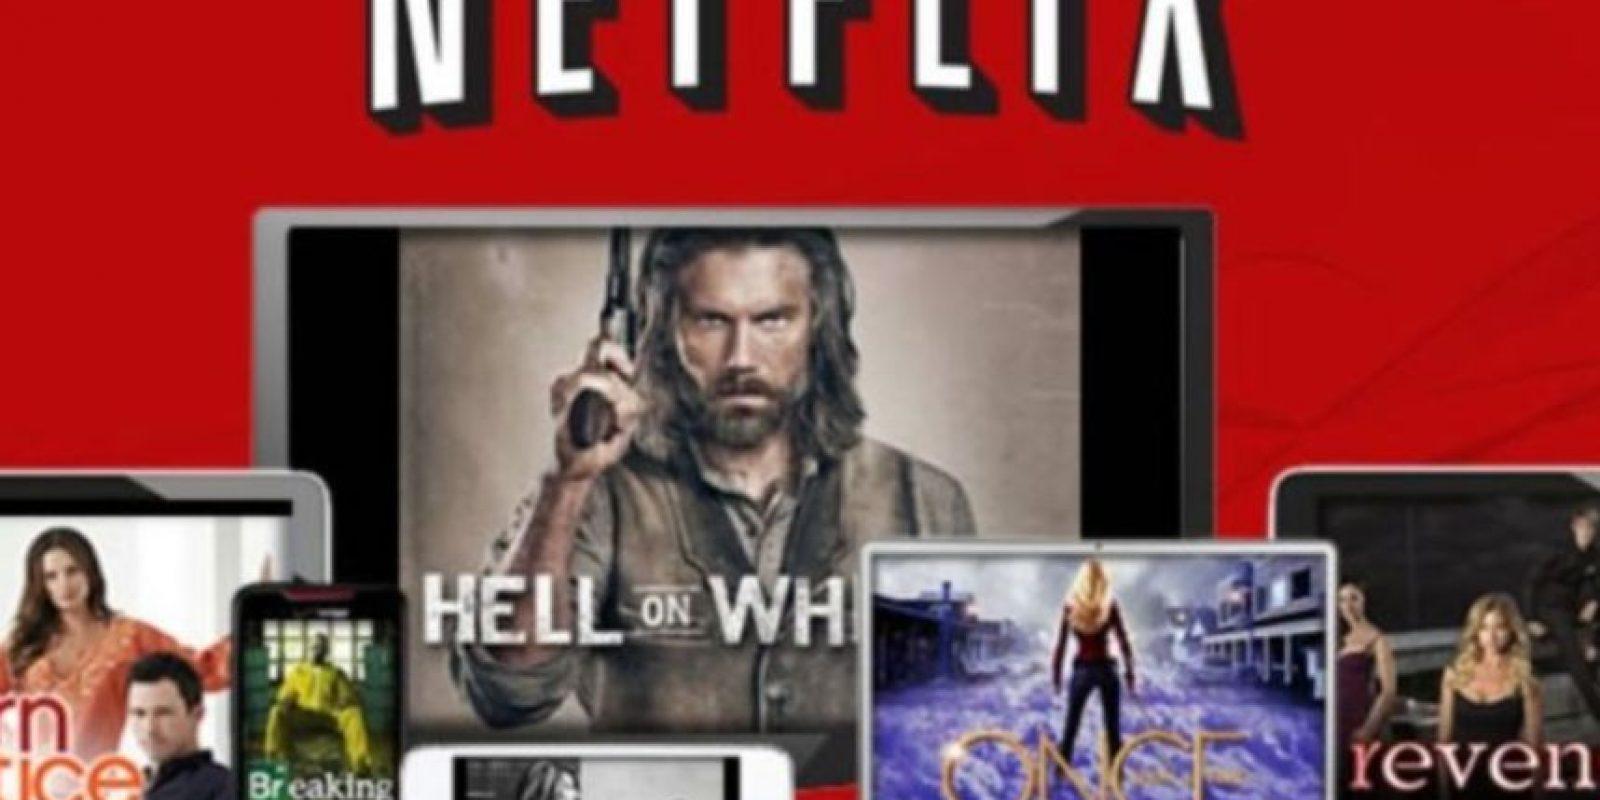 11- Netflix sabe que hay que pronosticar tendencias. Por eso monitorea páginas web, incluida la de descargas como Bit Torrent. De ahí basa sus próximas compras. Foto:Netflix